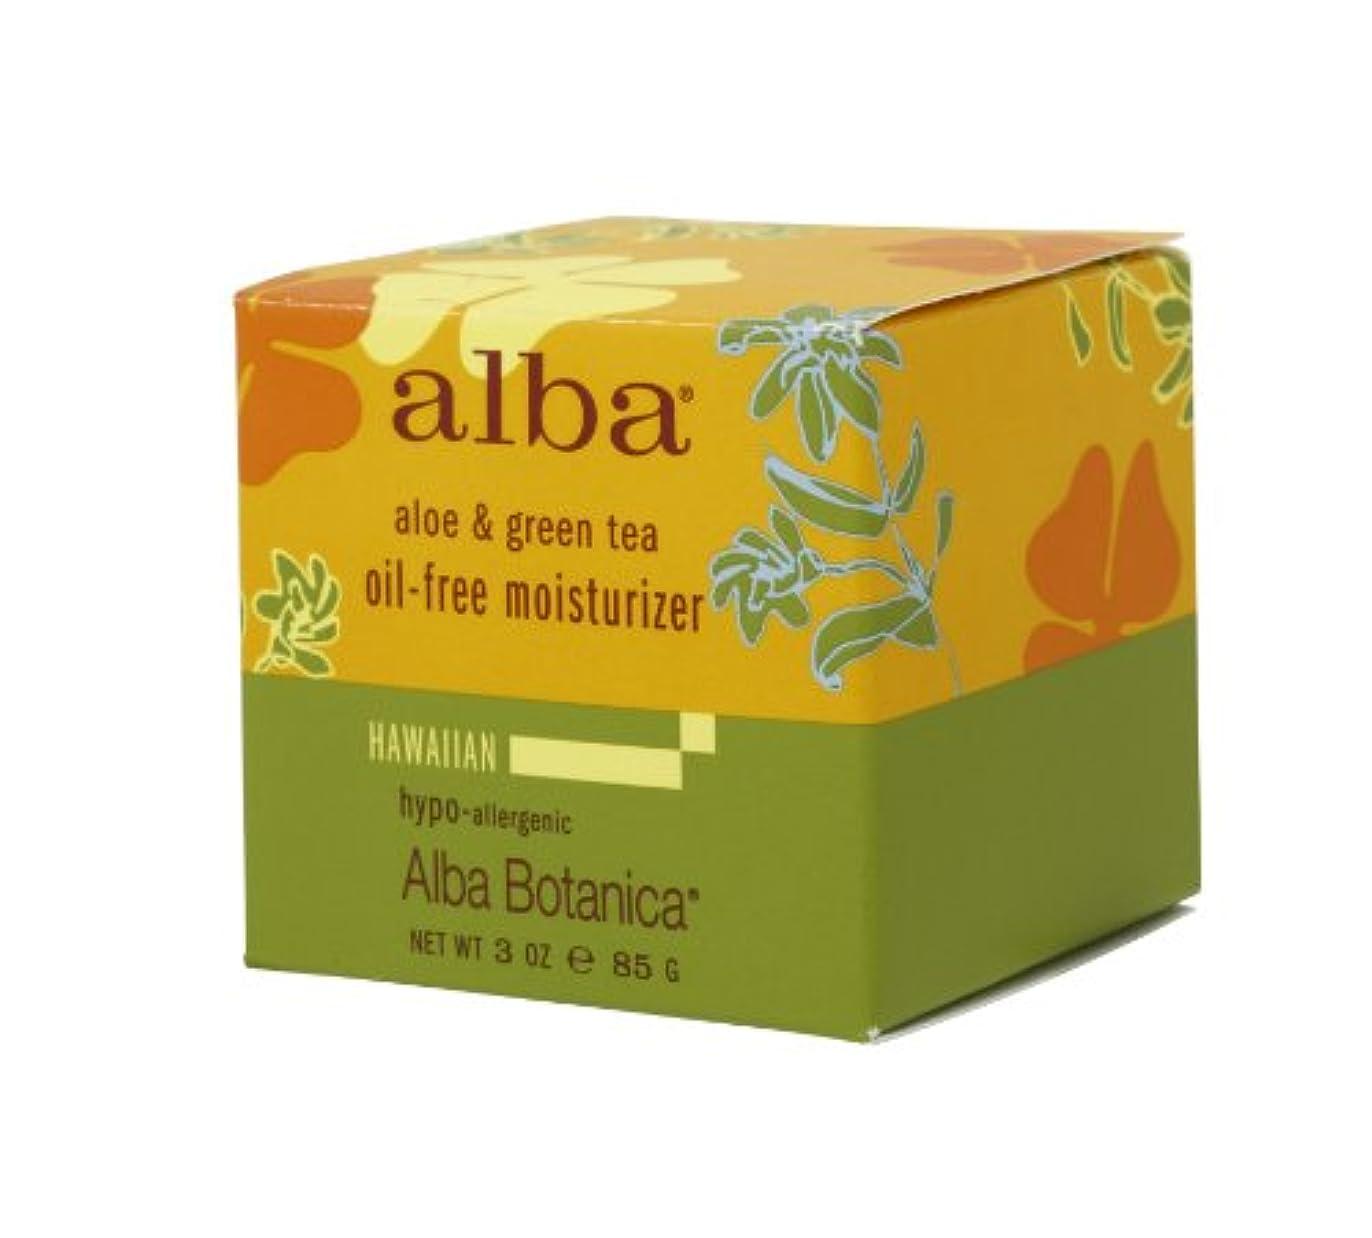 最大化する毎月聖域alba BOTANICA アルバボタニカ ハワイアン オイルフリーモイスチャークリームAG アロエ&グリンティー